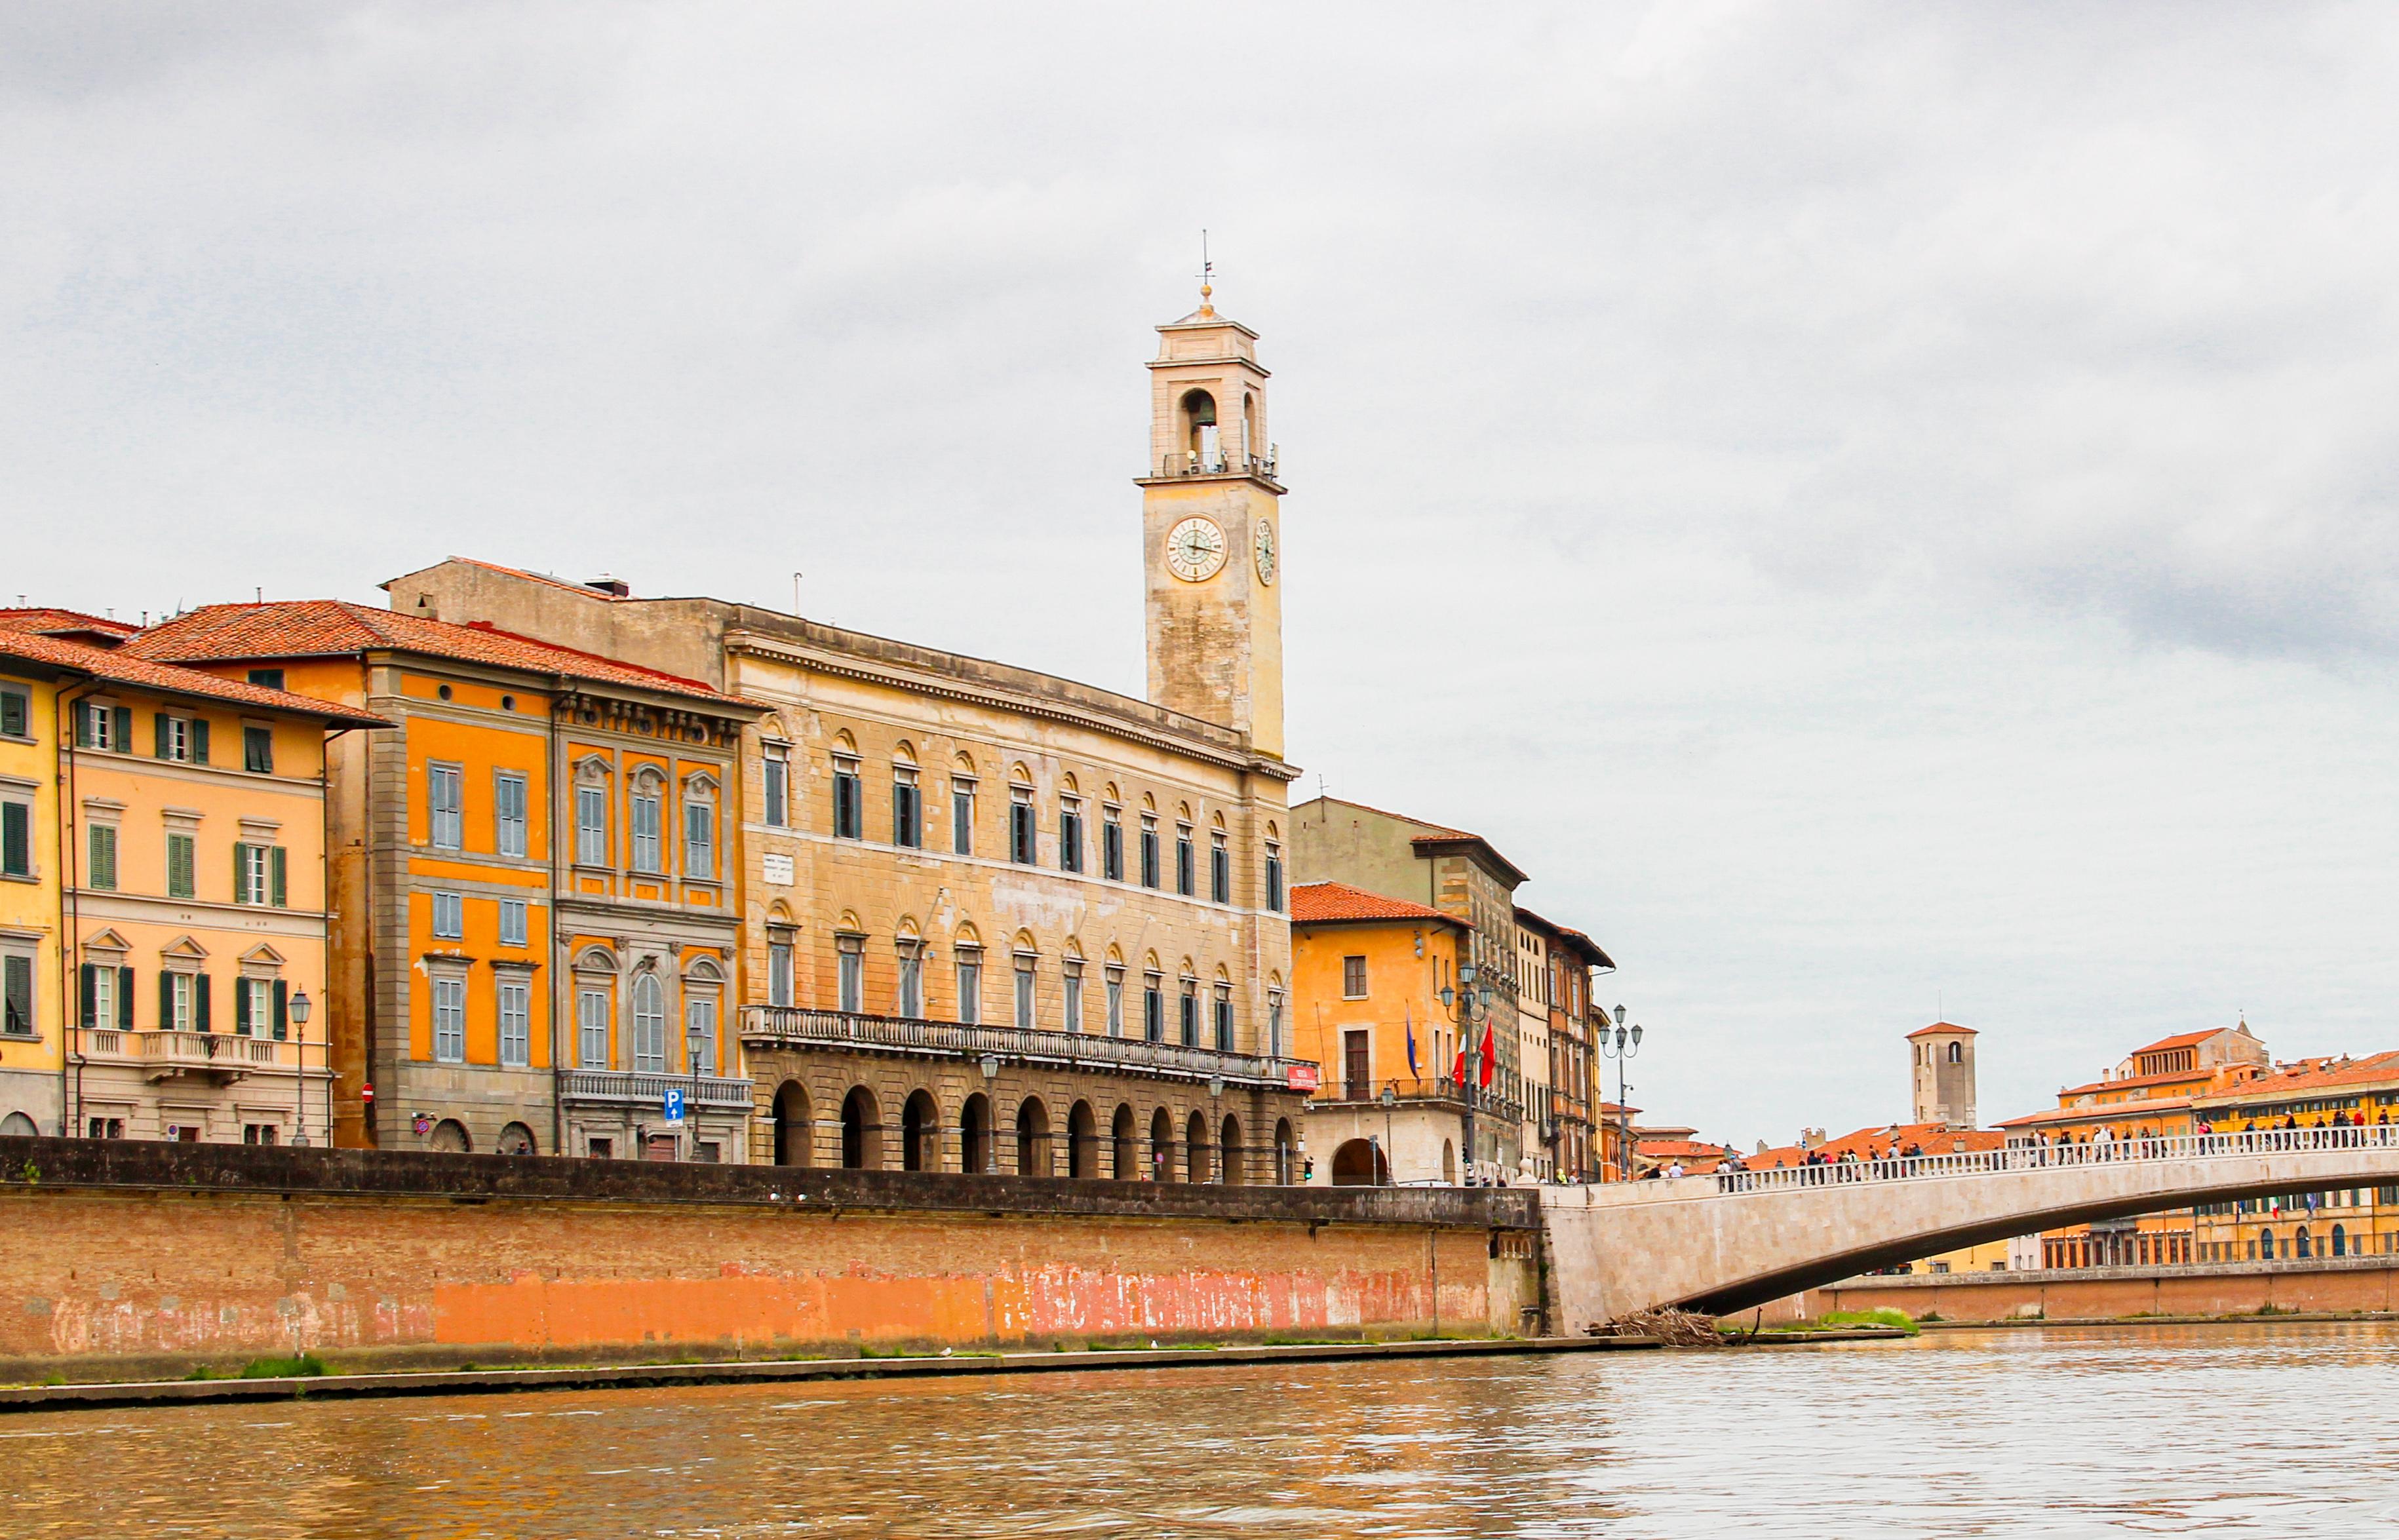 Palazzo Pretorio (G. Bettini, Comune di Pisa)